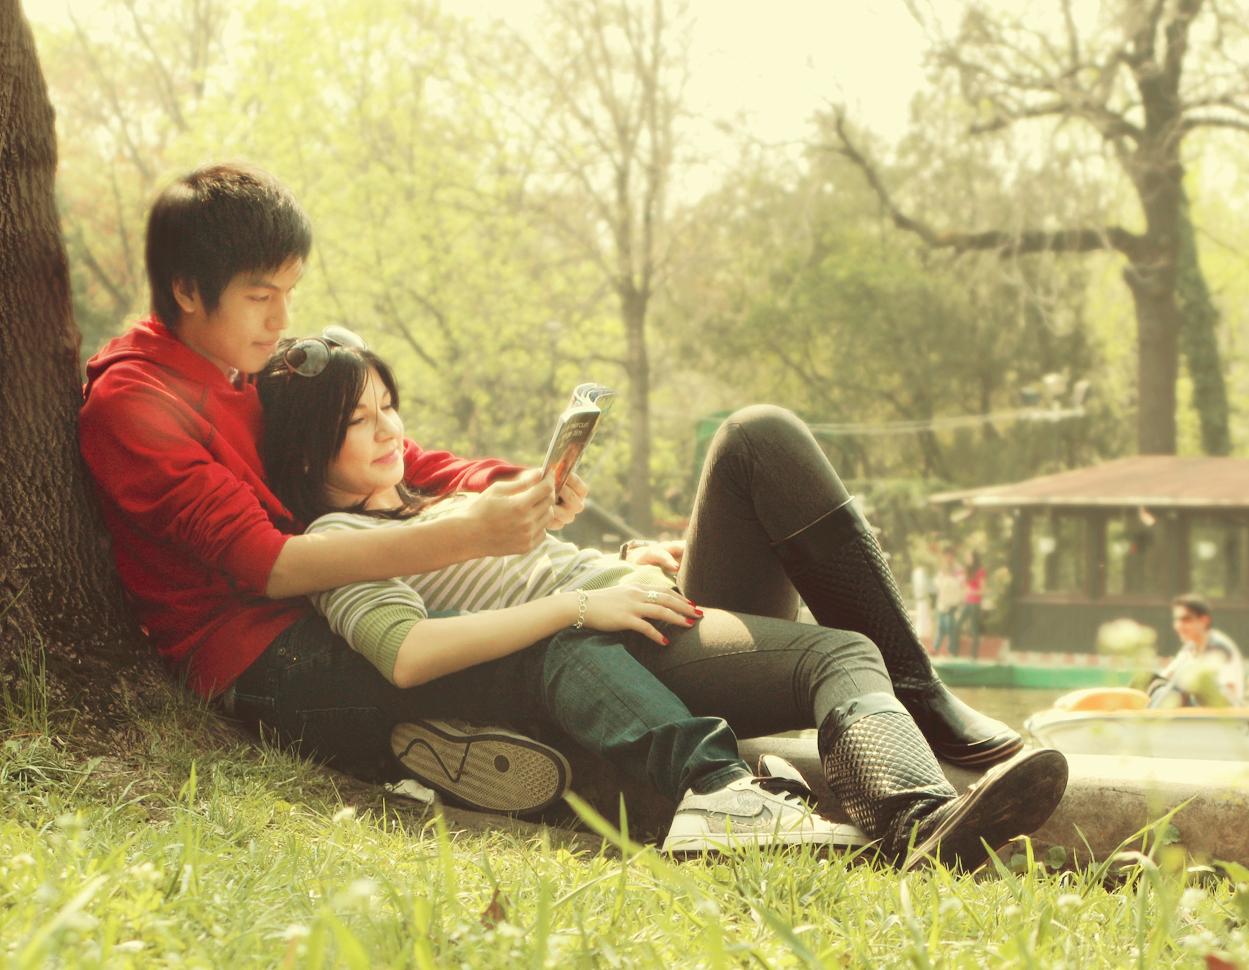 صورة حب و رومنسية , صور رومانسية مميزه للحبيبة 3194 1